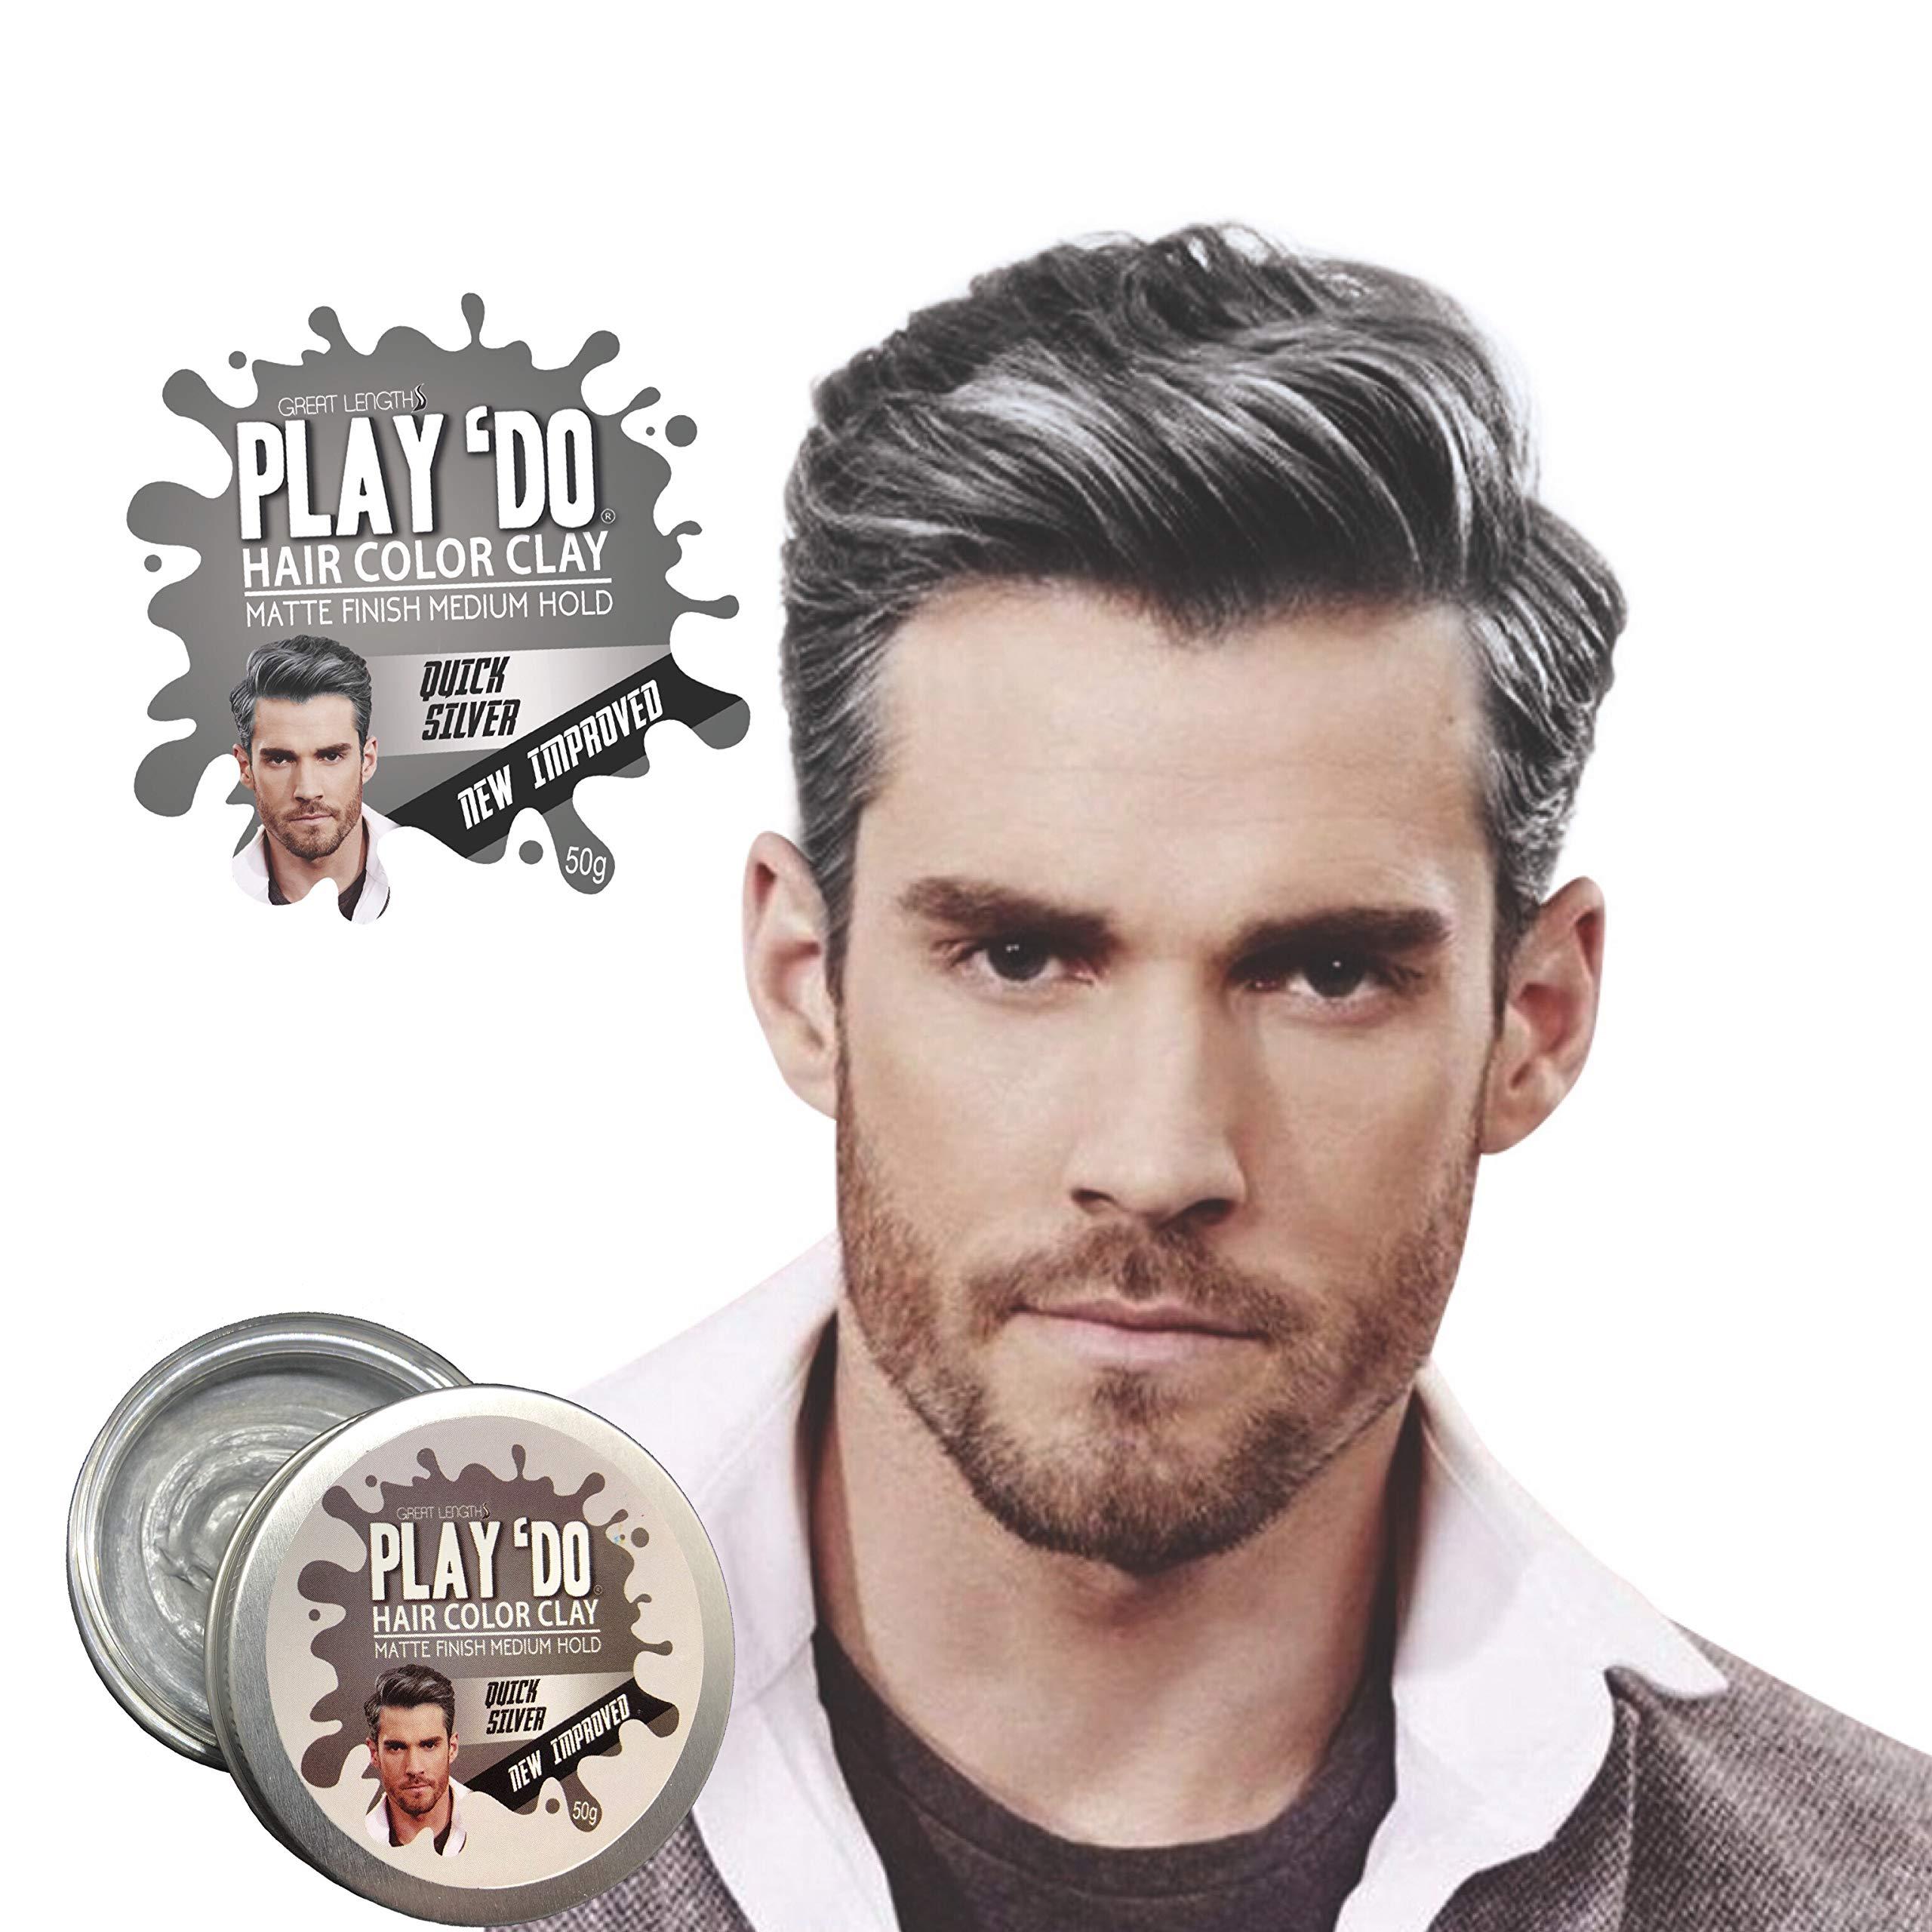 Play 'Do Temporary Hair Color, Gray Hair Wax, Hair Clay, Mens Grooming, Pomade, Silver hair dye(1.8 ounces) ... by Great Lengths